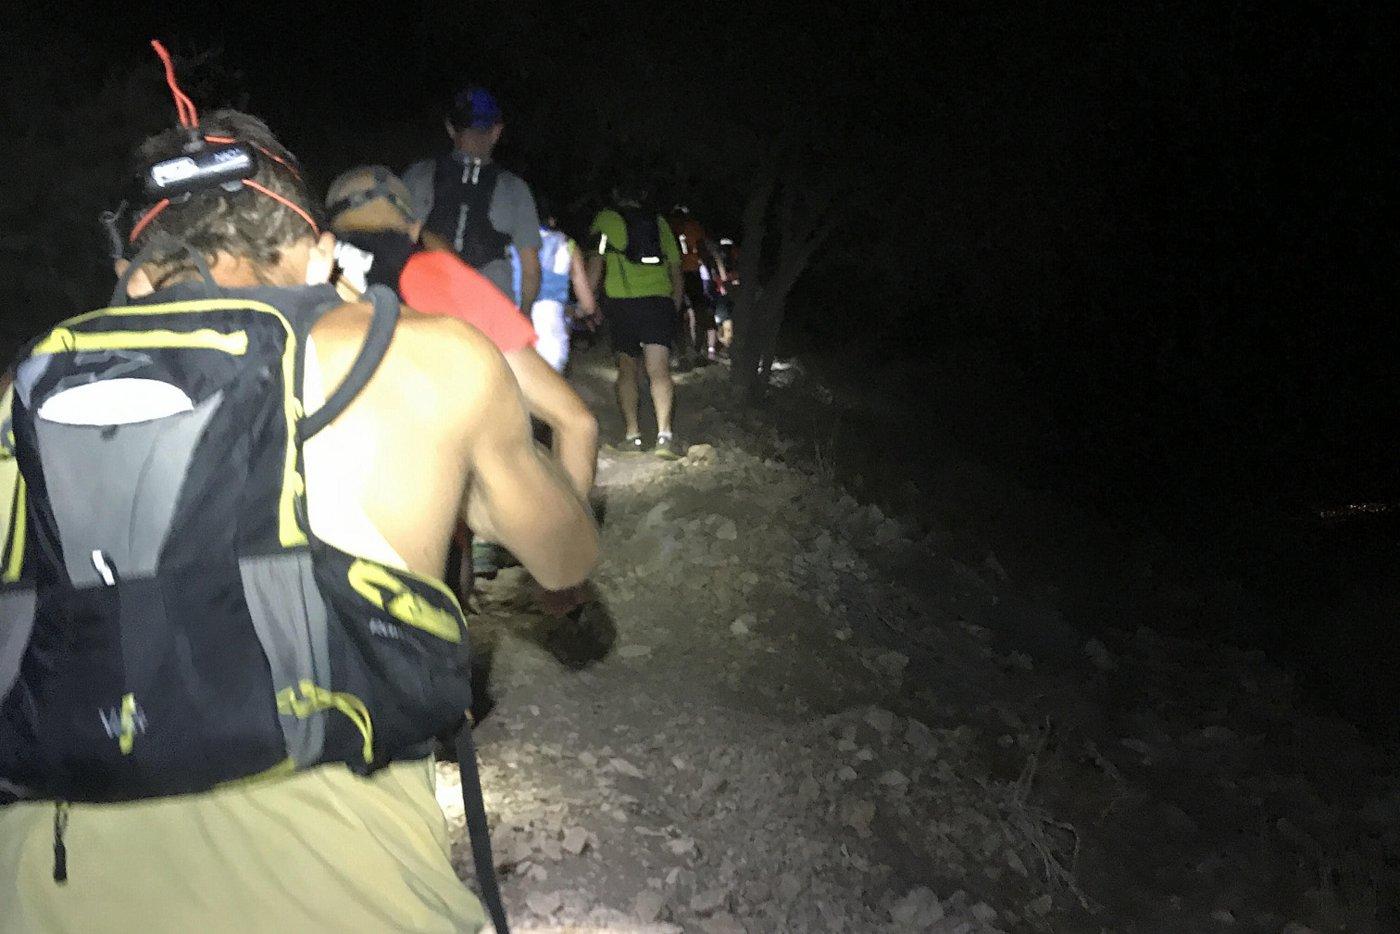 ריצת טרייל לילית - night trail run